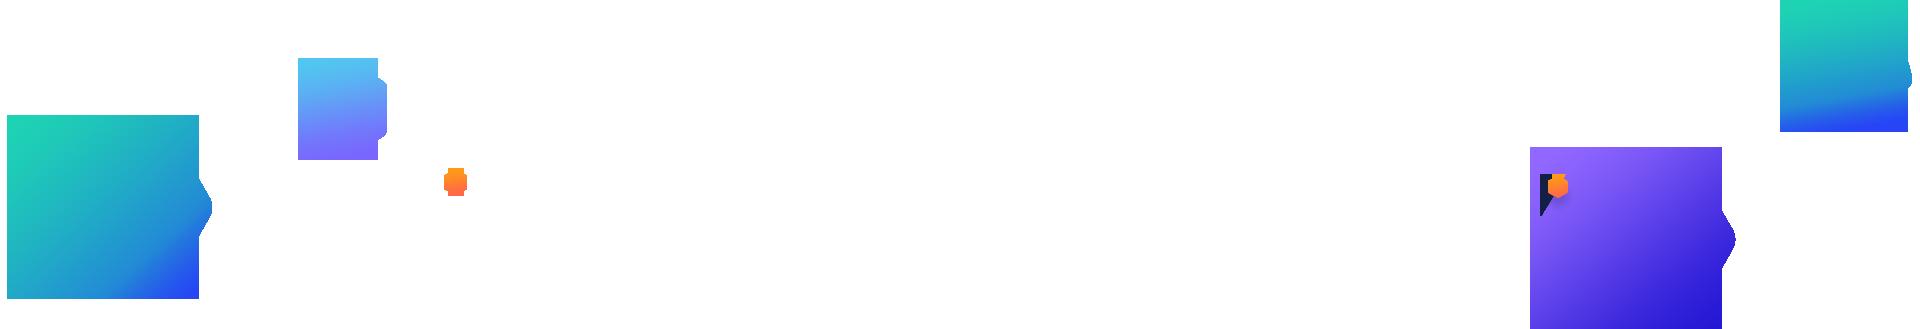 UHF Metal Power Tag